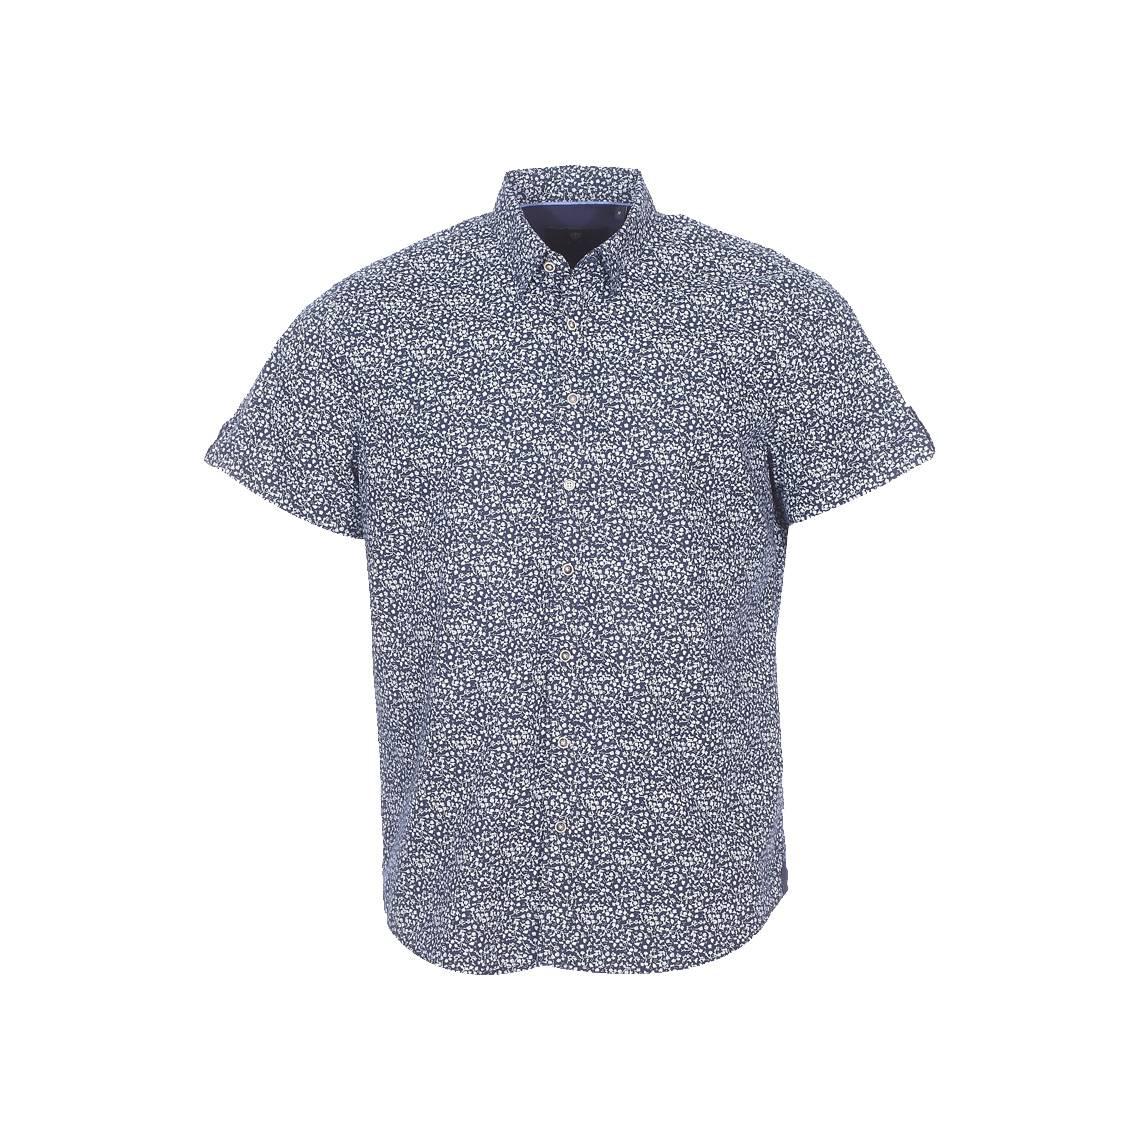 Chemise manches courtes Izac casual en coton bleu marine à imprimés fleuris blancs